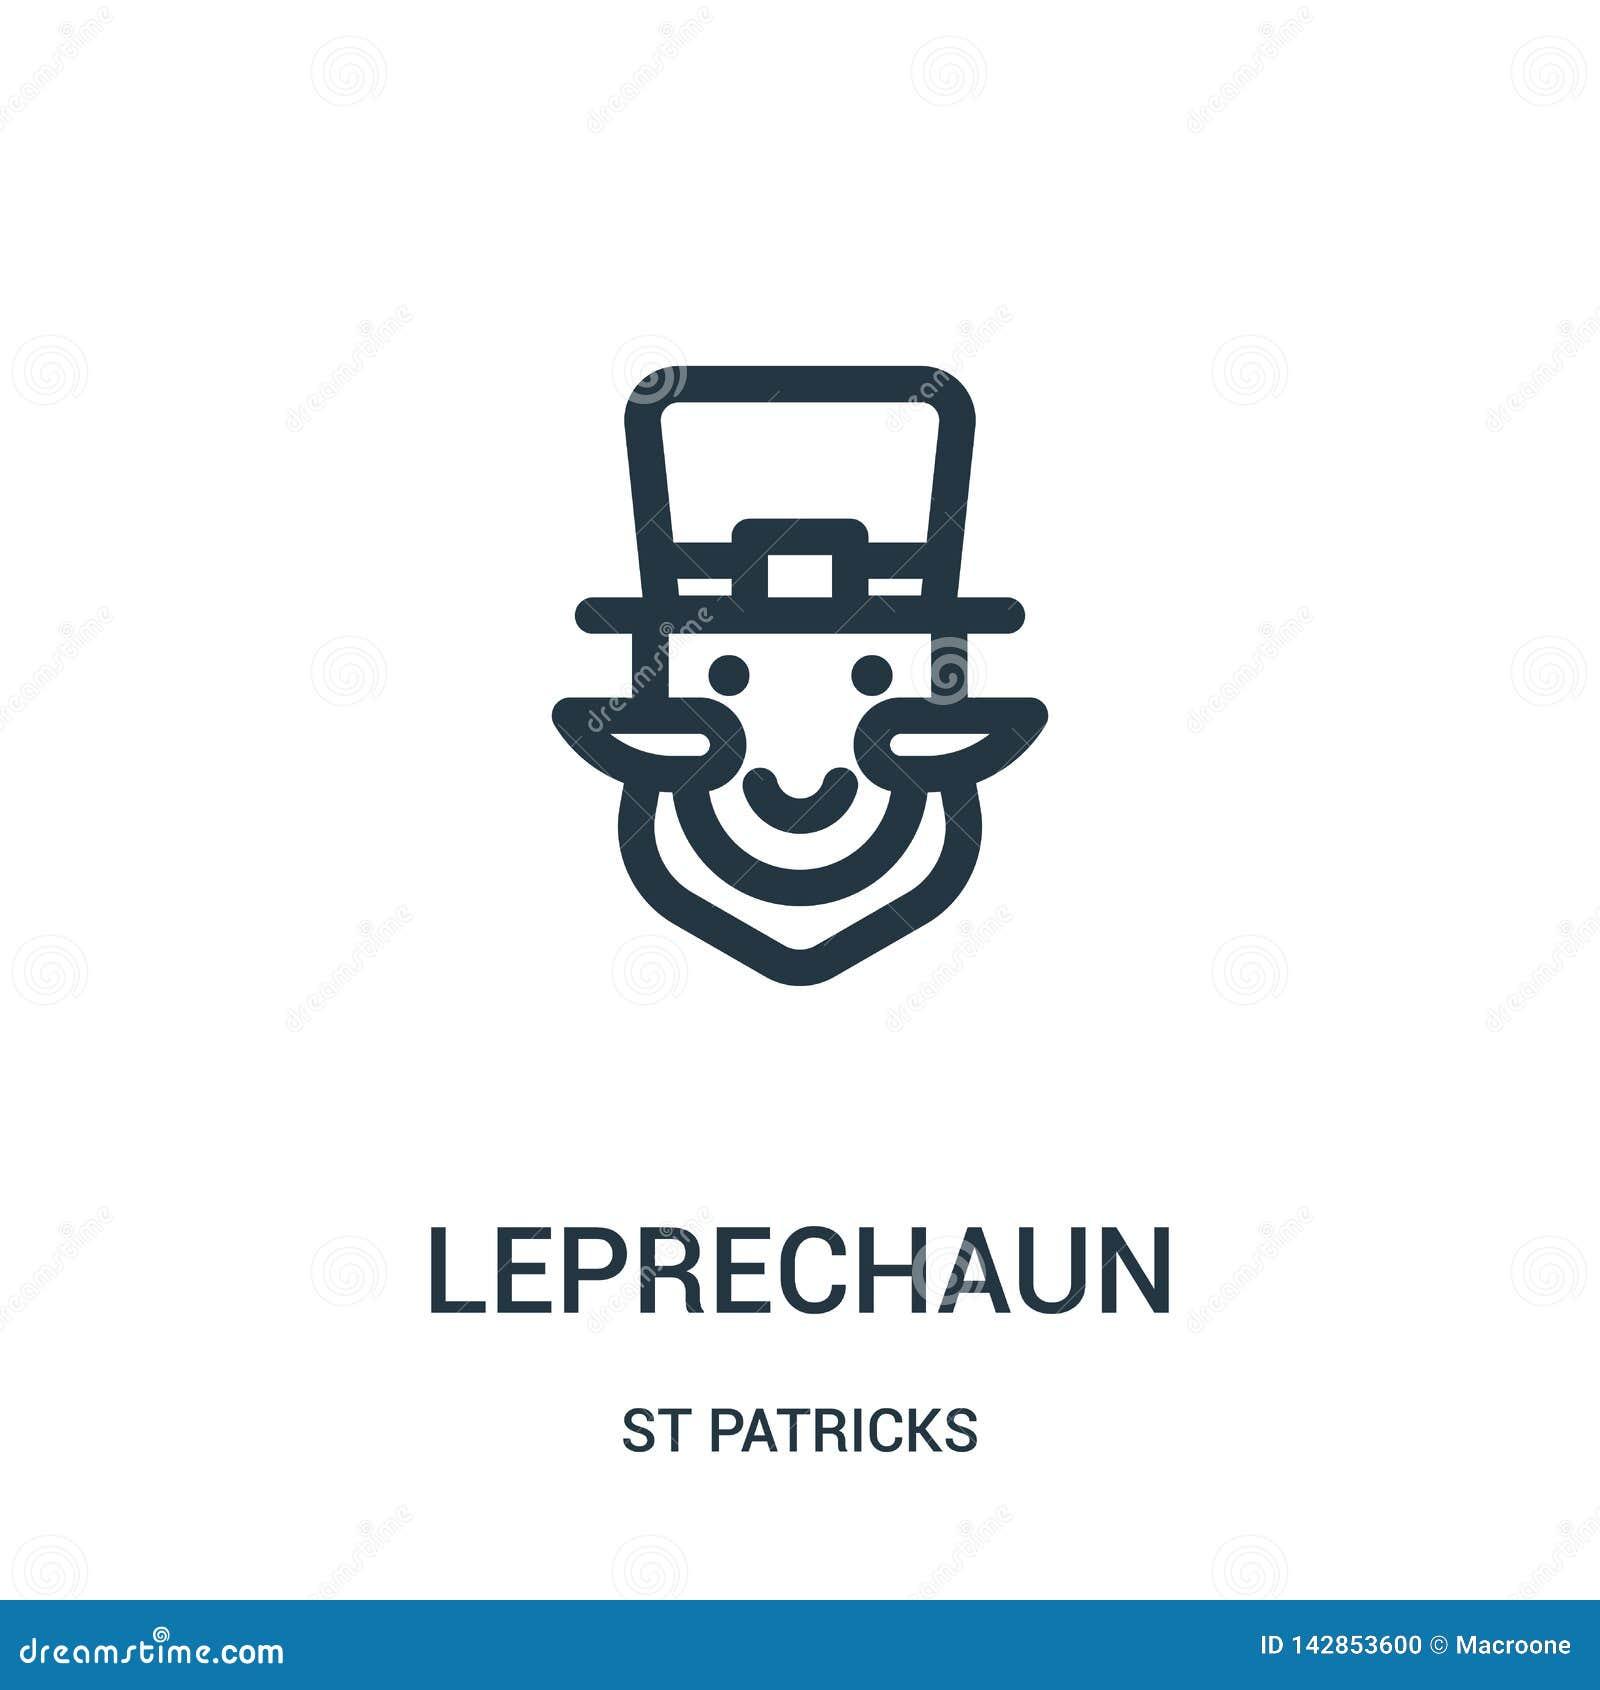 Leprechaun διάνυσμα εικονιδίων από τη συλλογή του ST patricks Η λεπτή γραμμή leprechaun περιγράφει τη διανυσματική απεικόνιση εικ